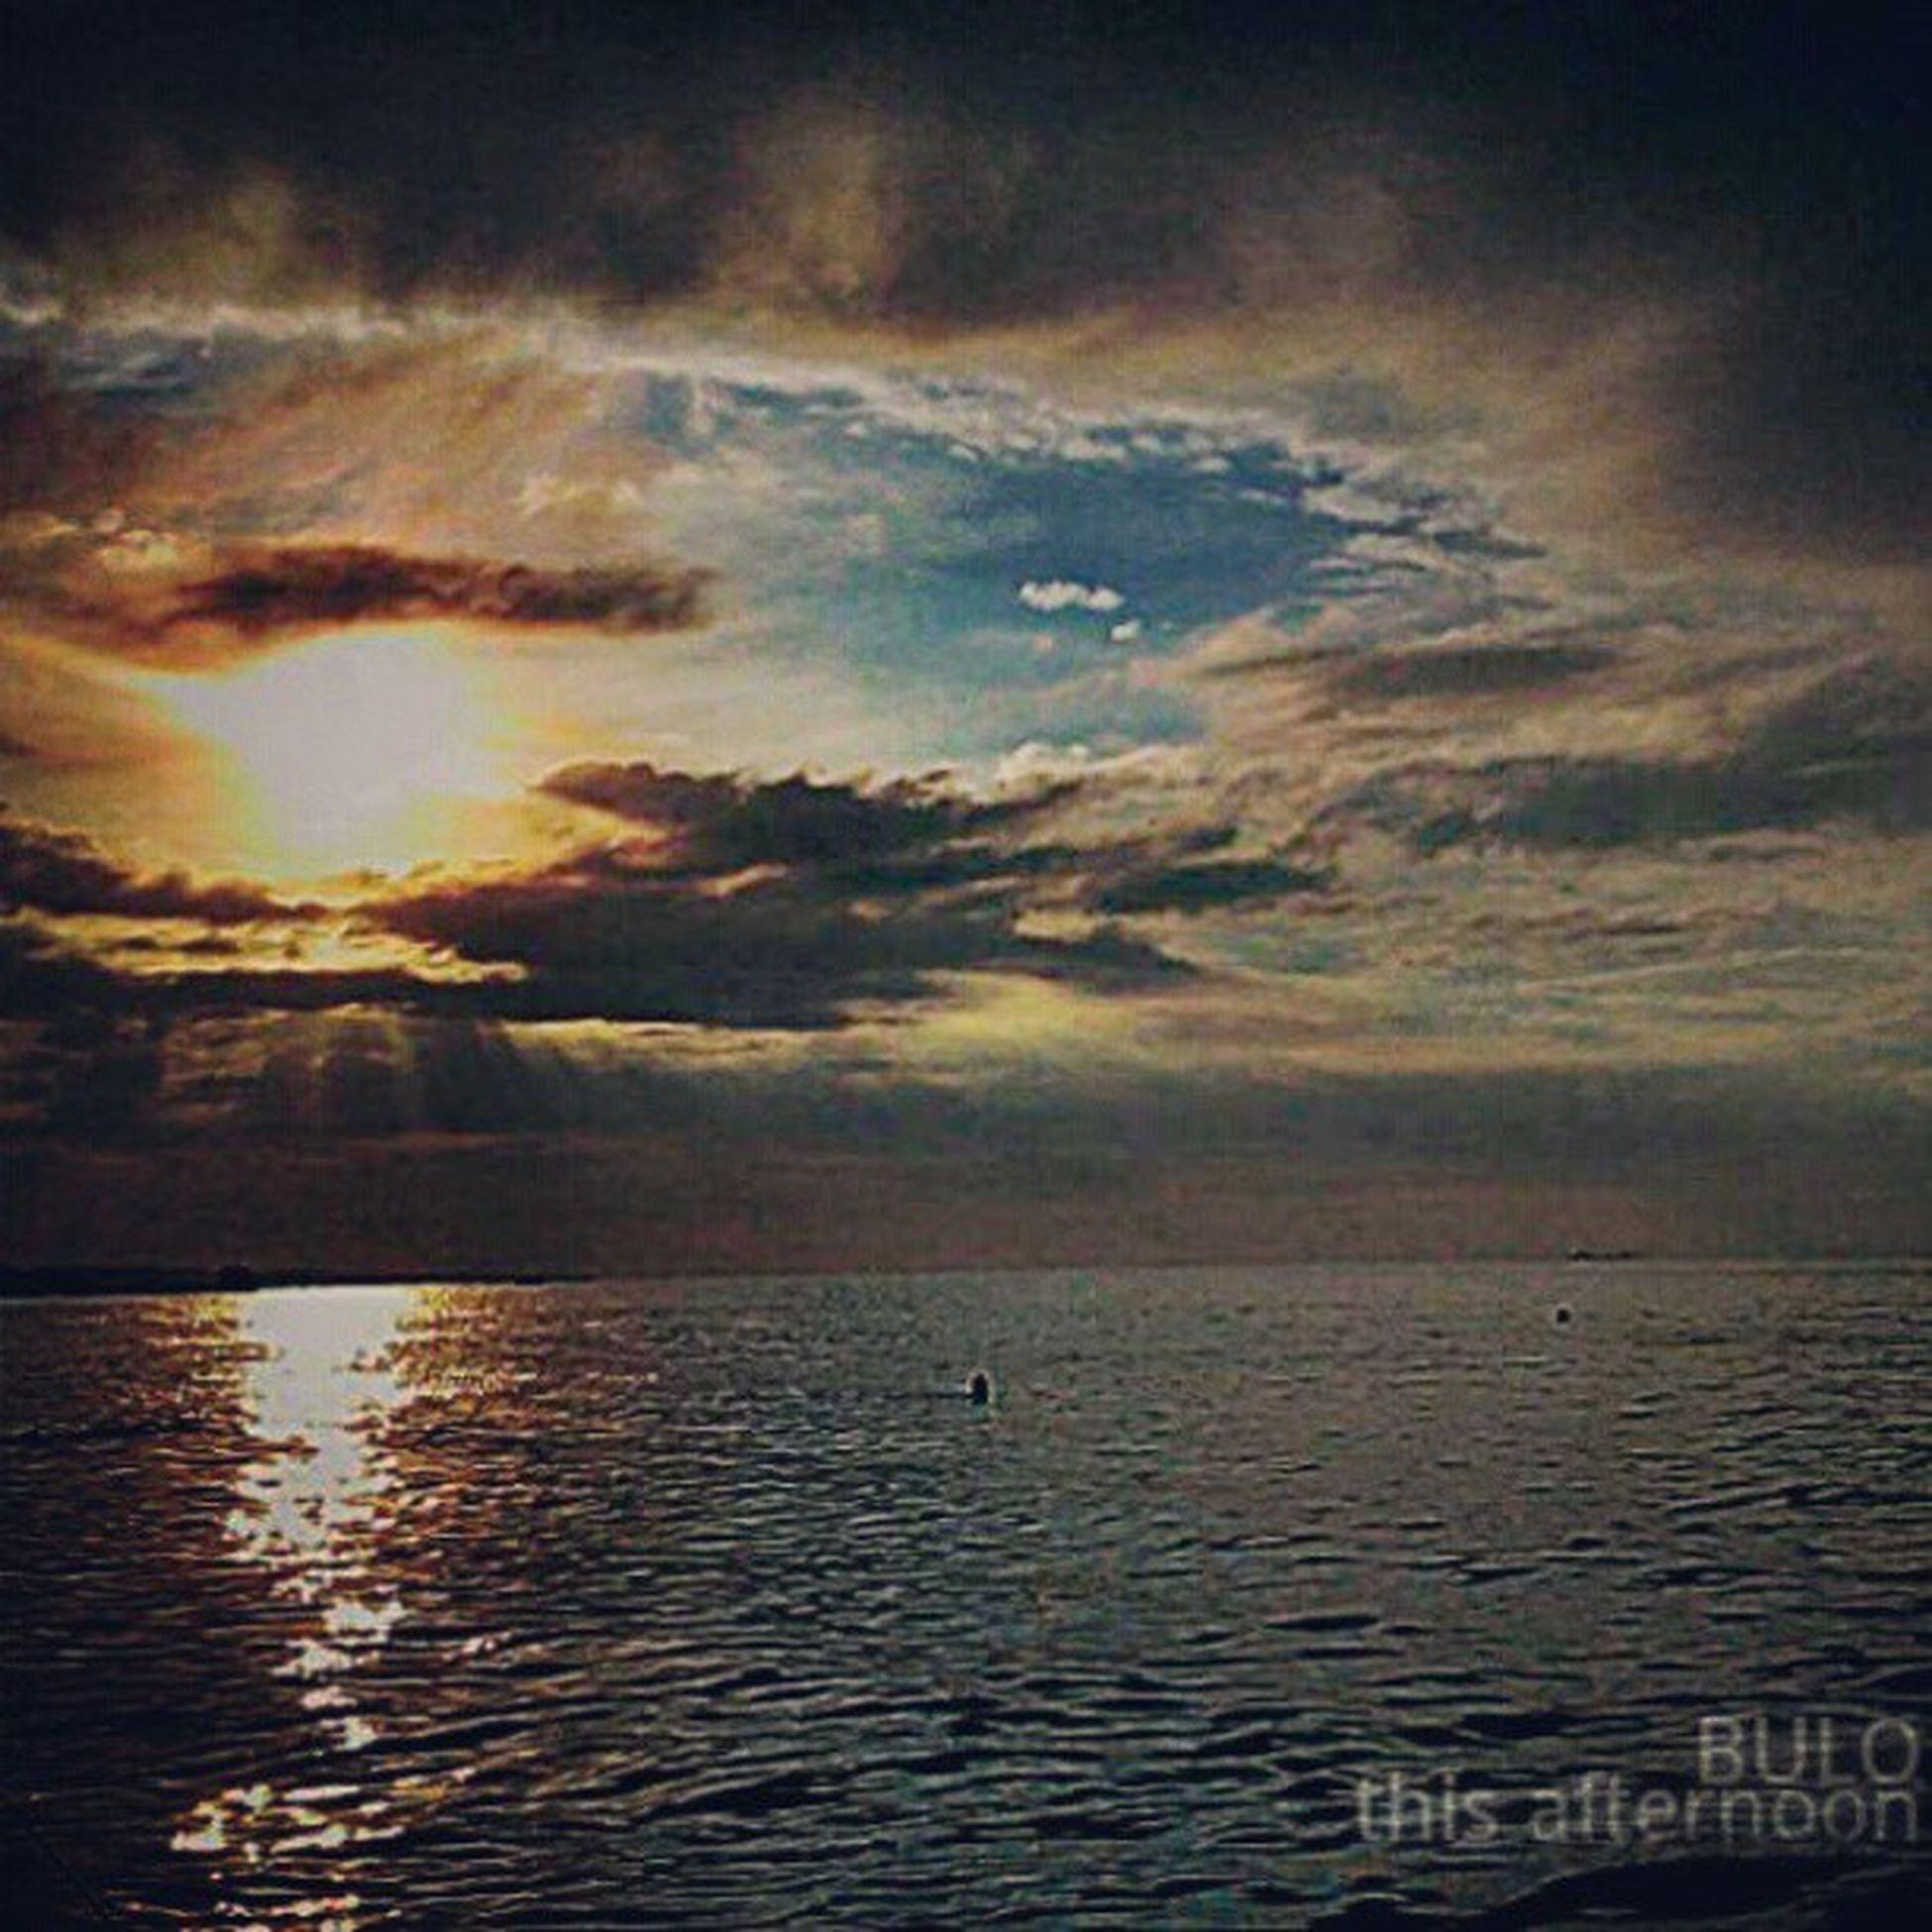 Bulo Beach This Afternoon almost sunset sky skyporn sea imanado Manado instagram instamanado instadonesia instandroid